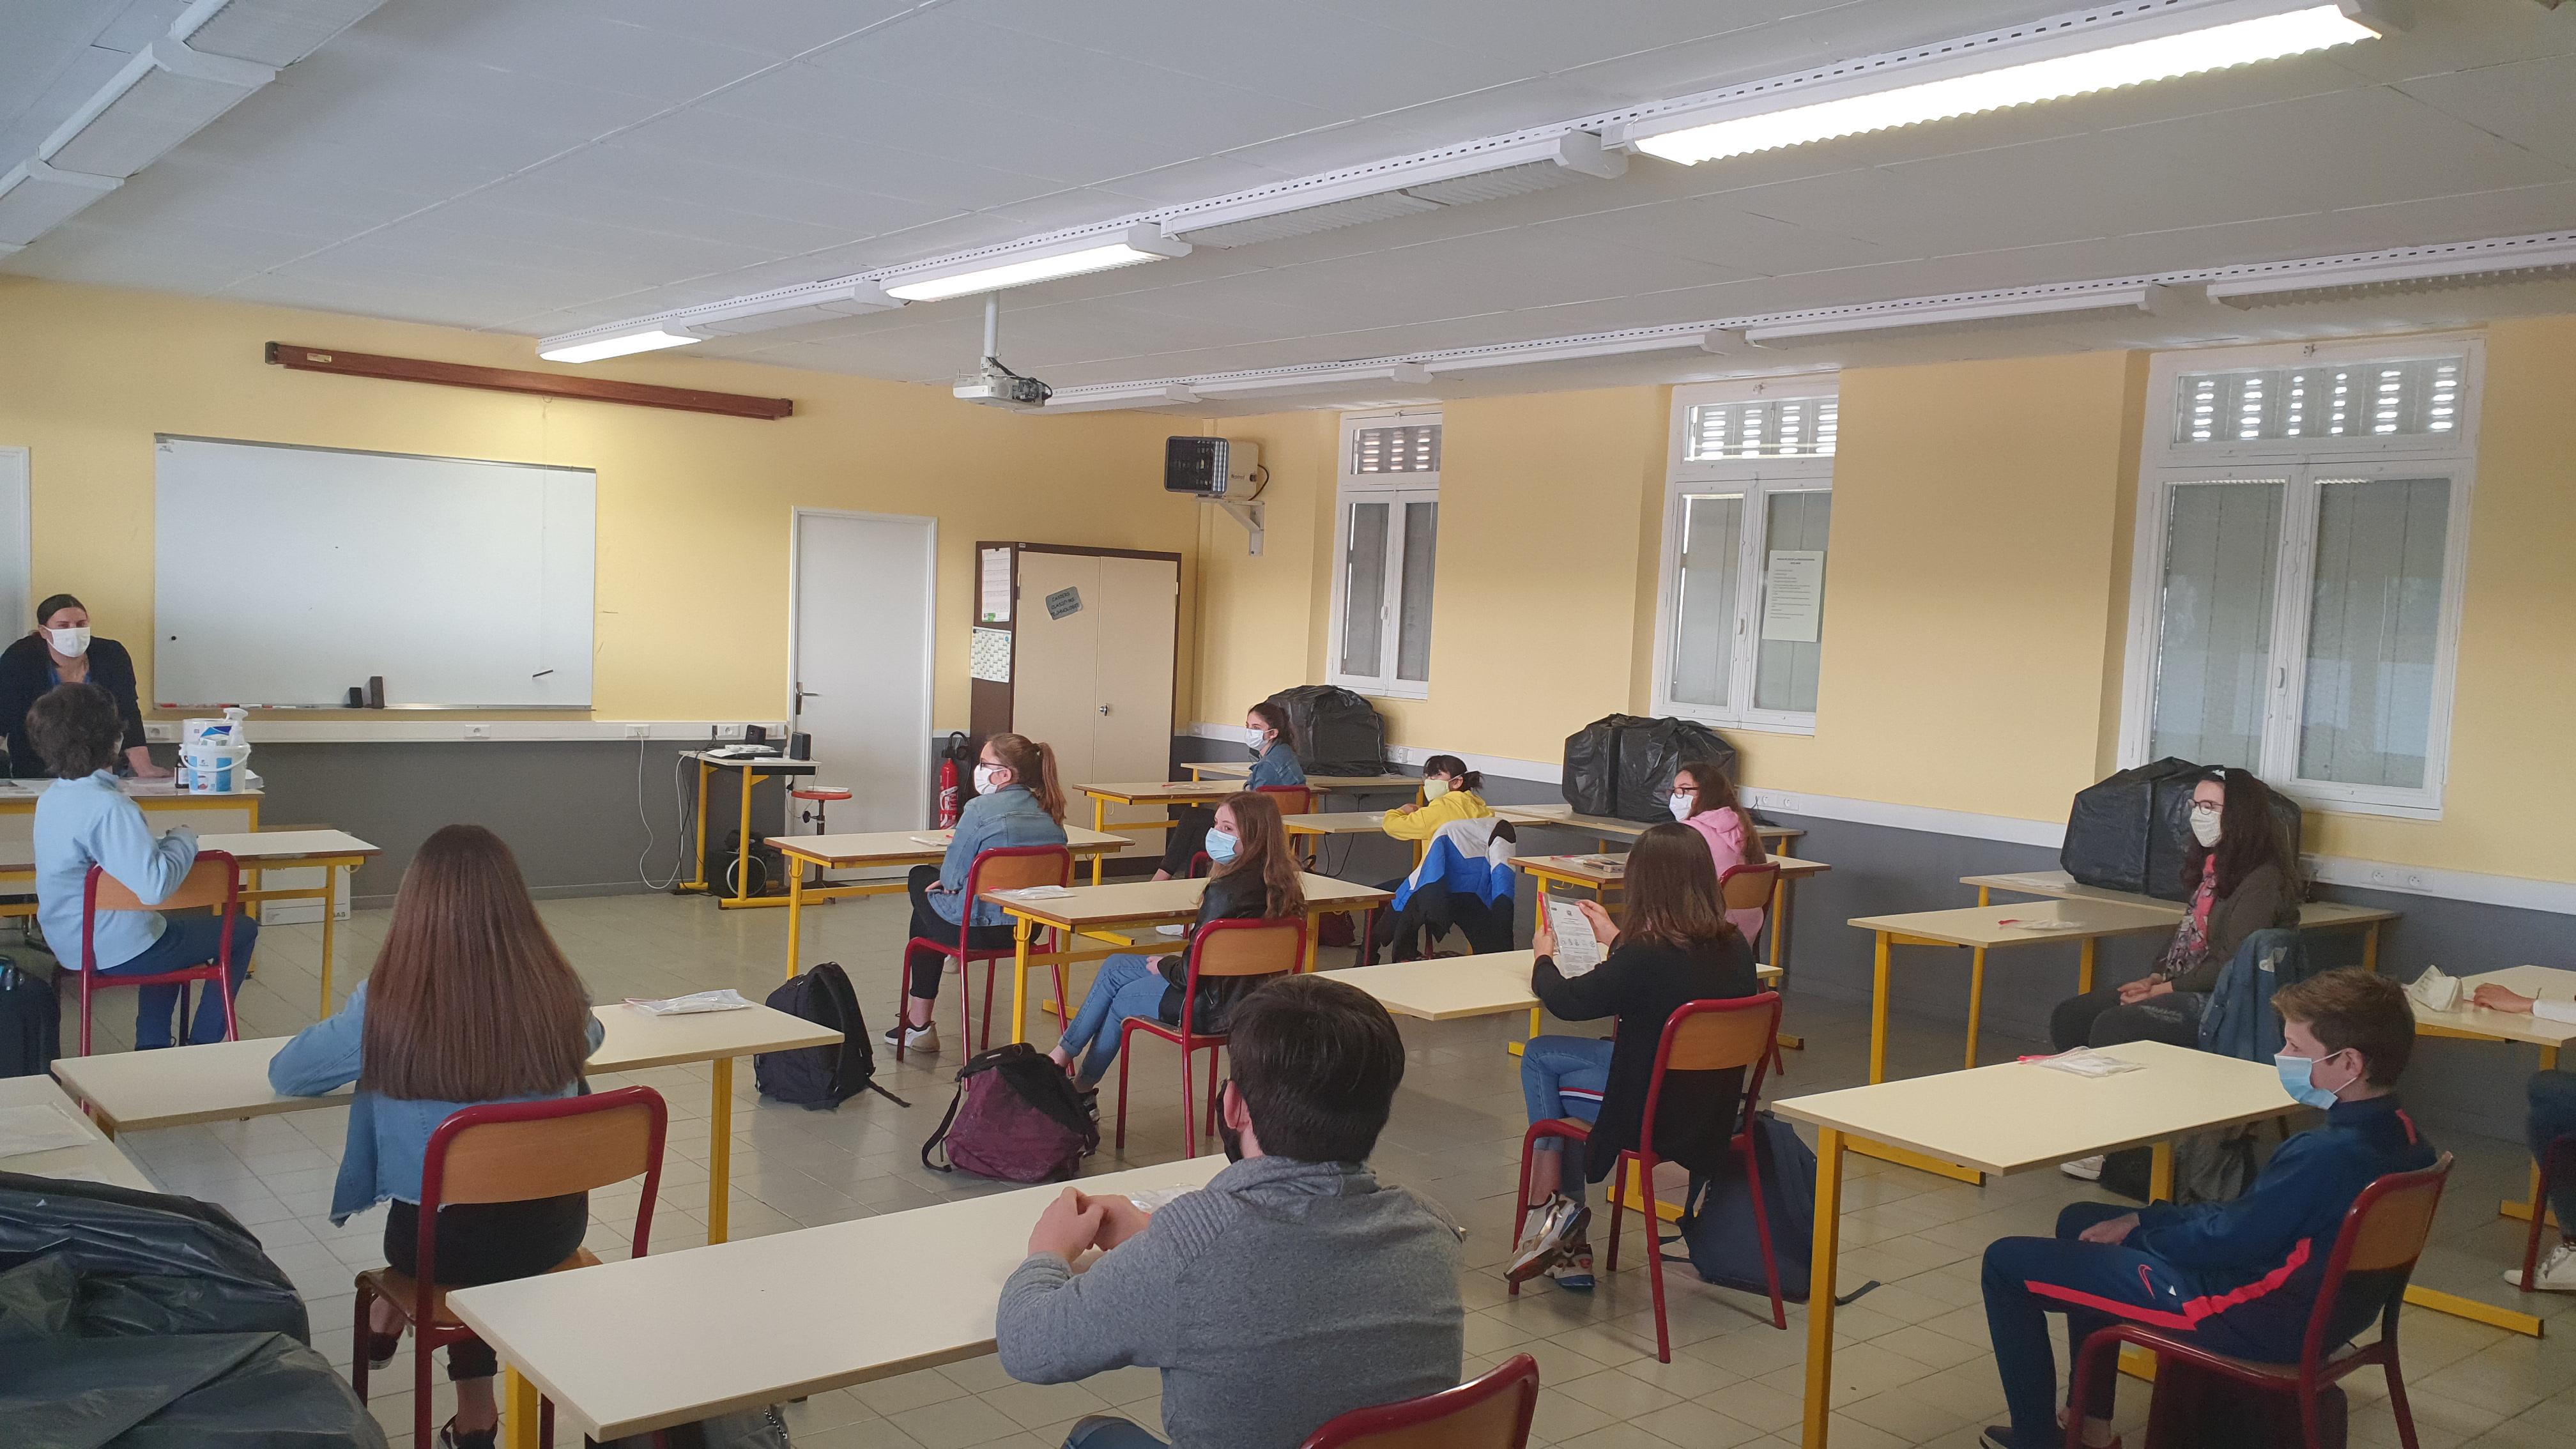 18-05-2020 - Collège St Louis Capdenac - Retour en classe